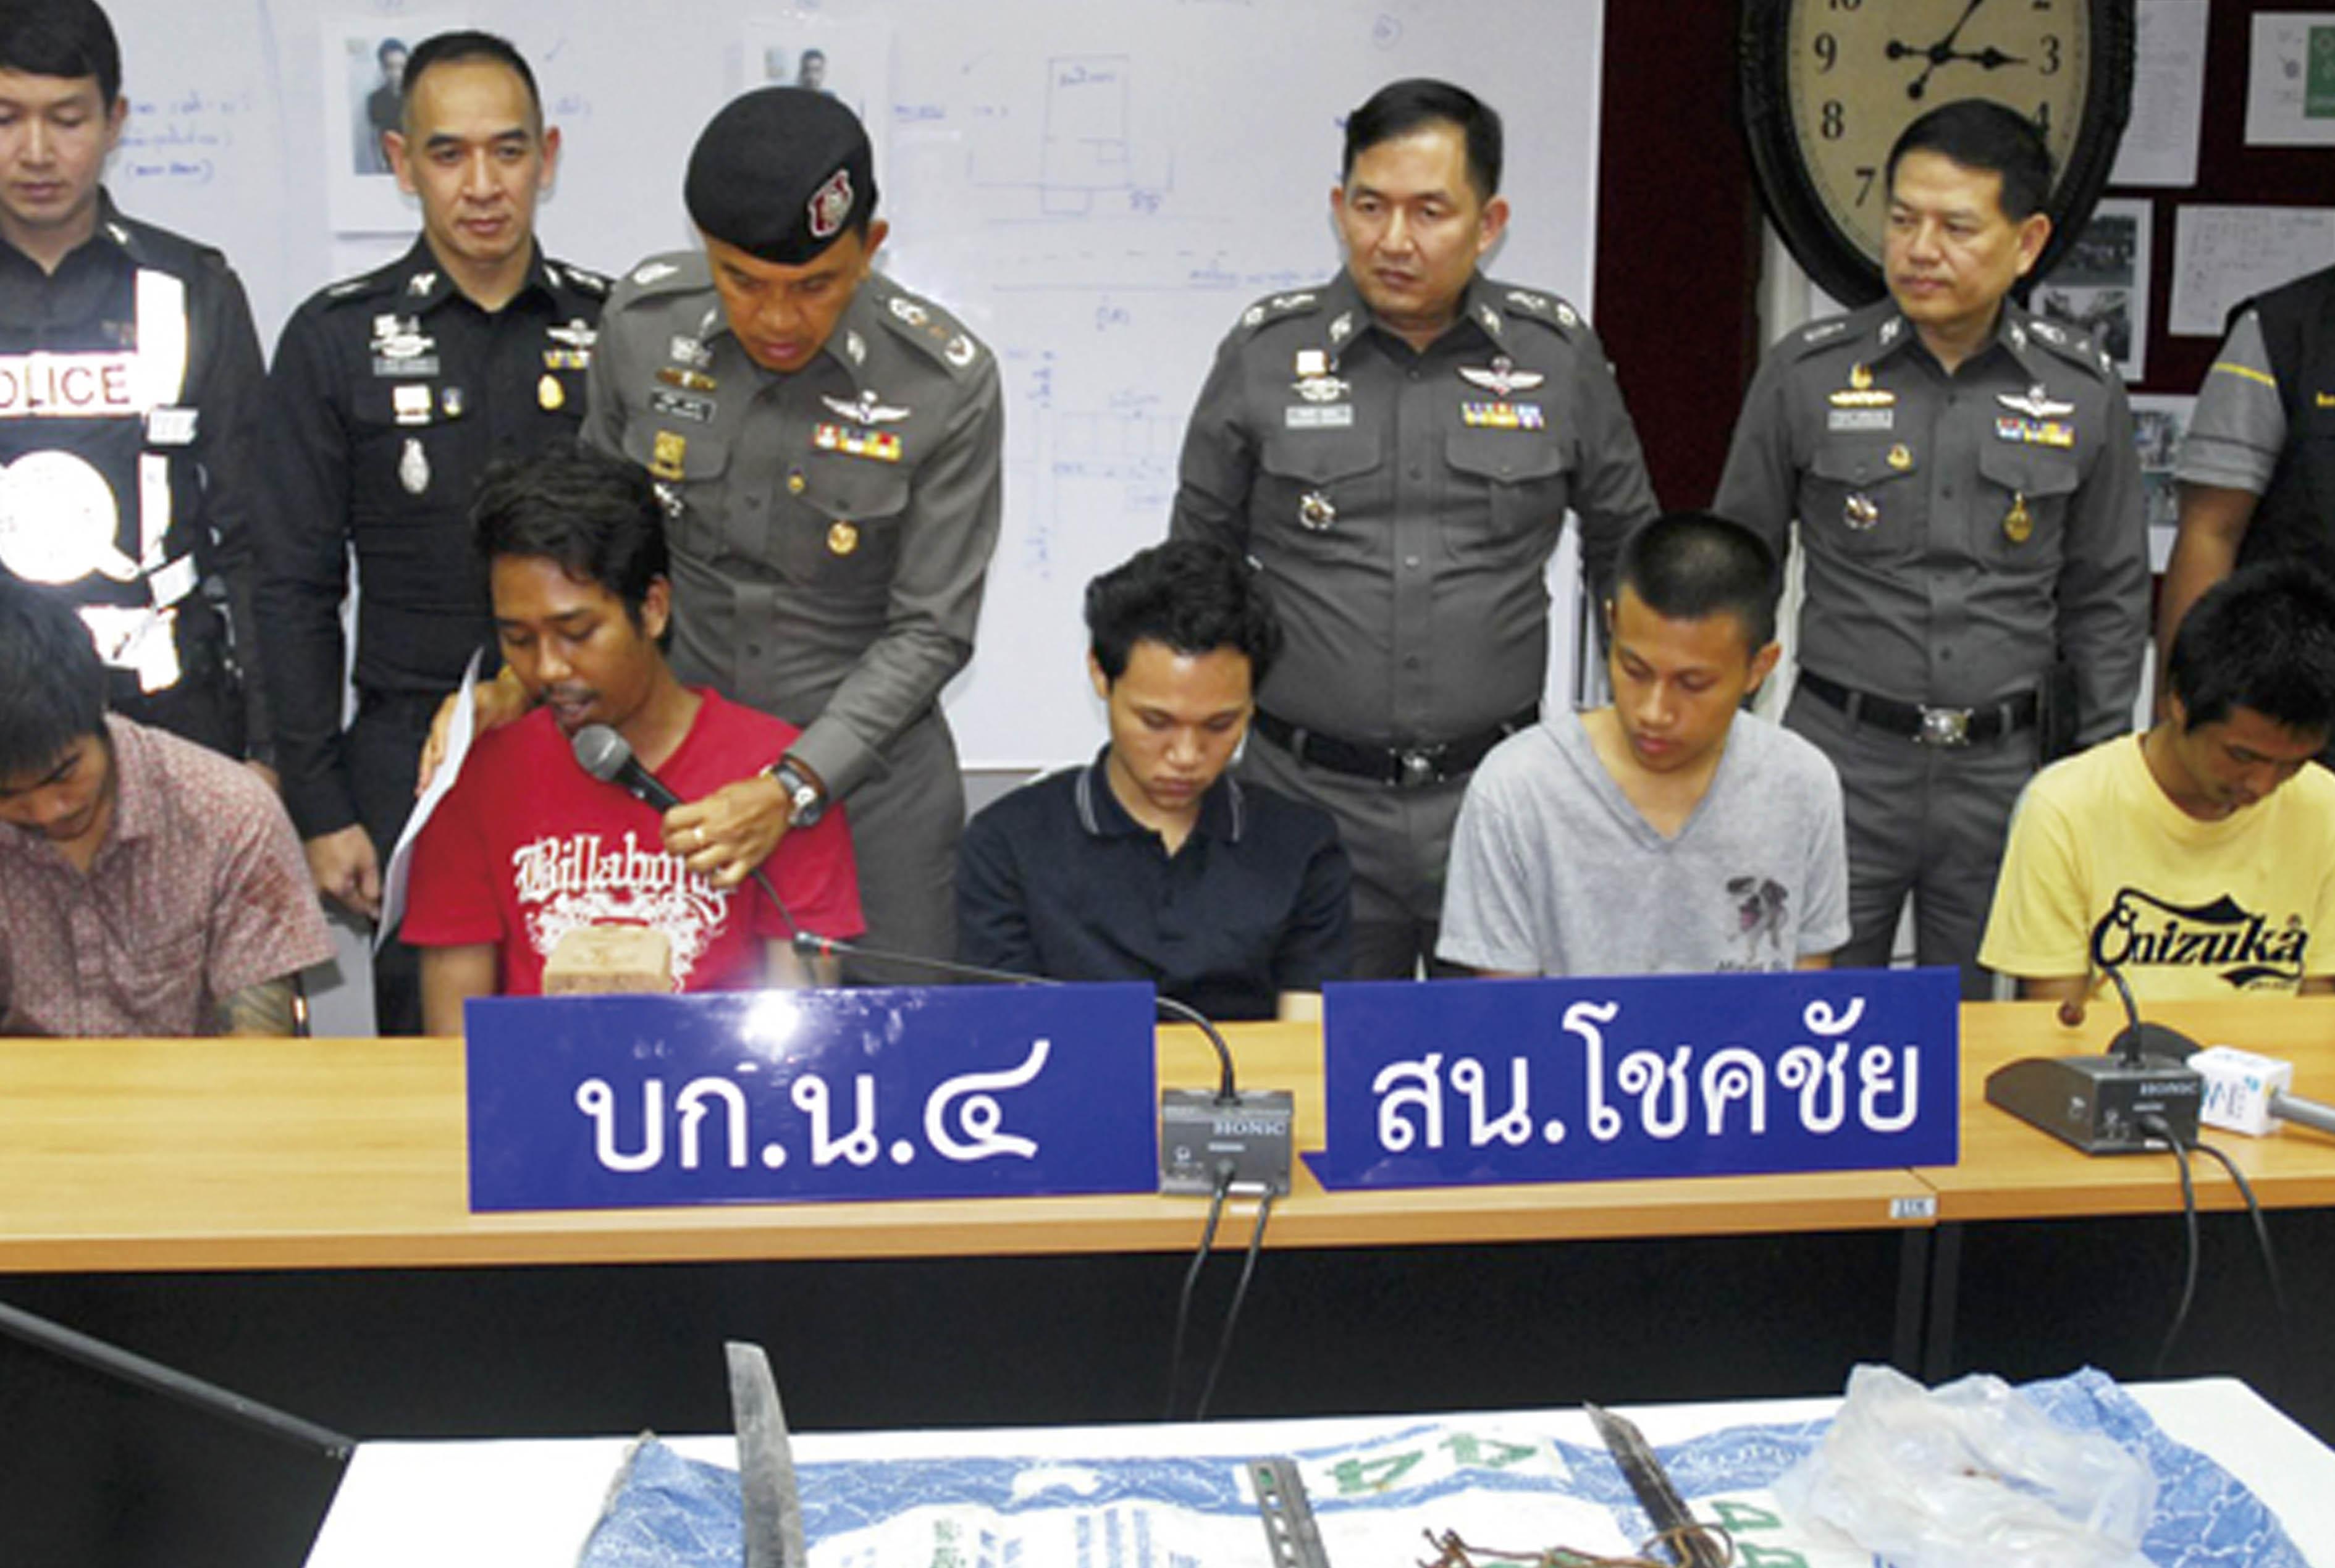 警察子息の障害者リンチ殺人 - ワイズデジタル【タイで生活する人のための情報サイト】